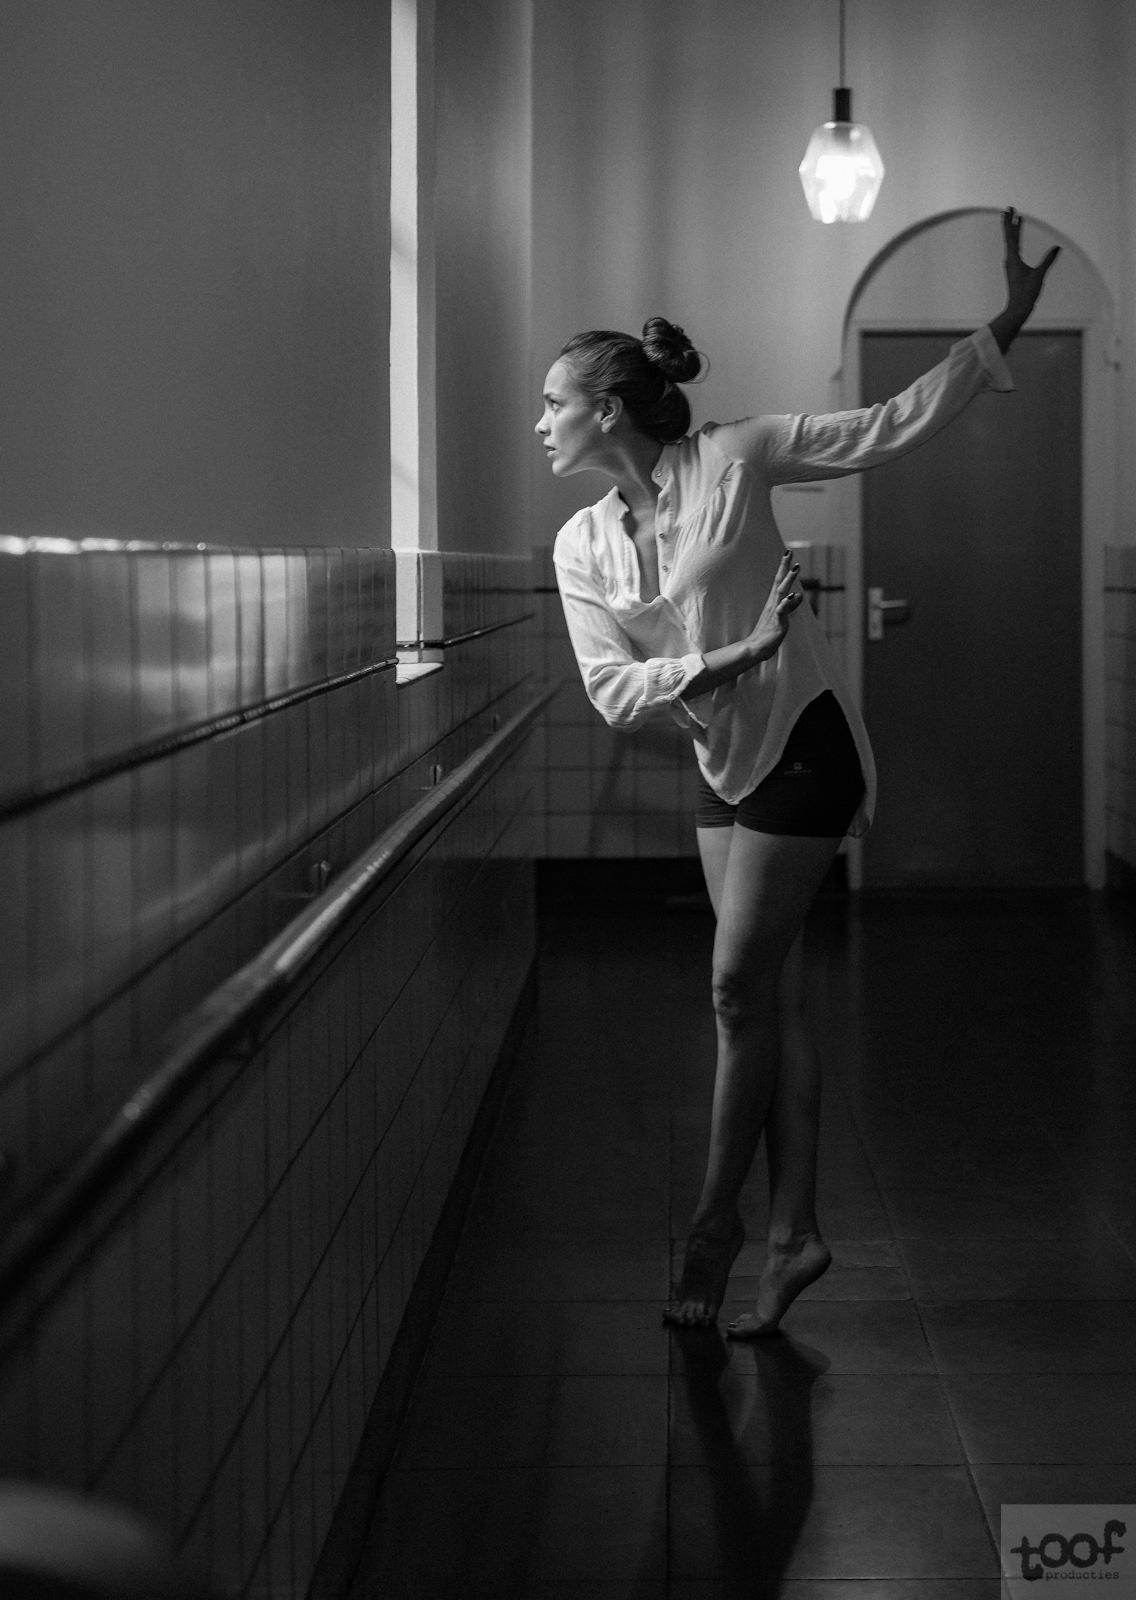 Dance light by Reginald Kluijtmans